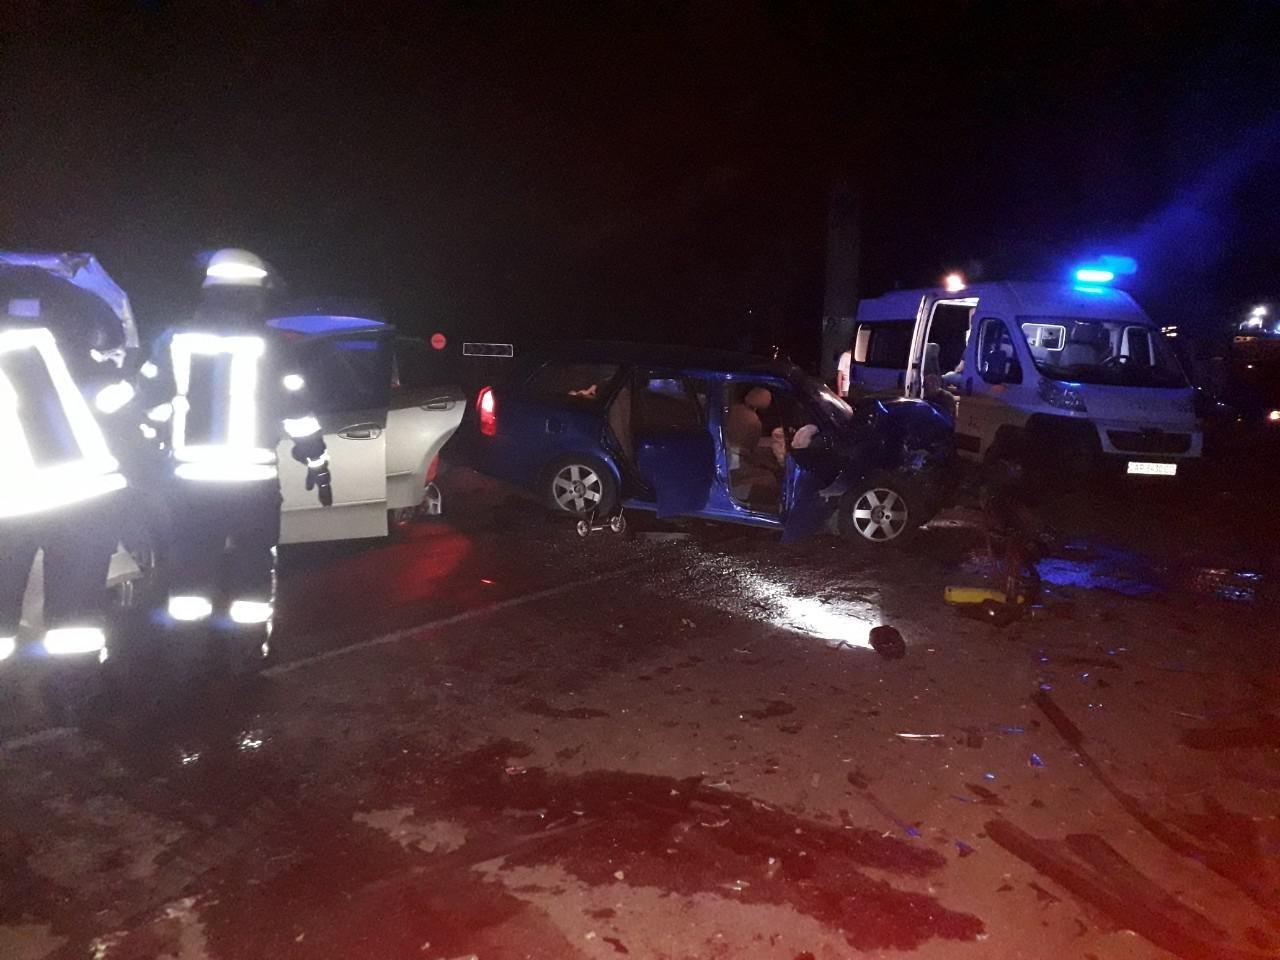 В Запорожье возле памятника автомобилистам случилось ДТП: 5 человек госпитализировали, - ОБНОВЛЕНО, фото-1